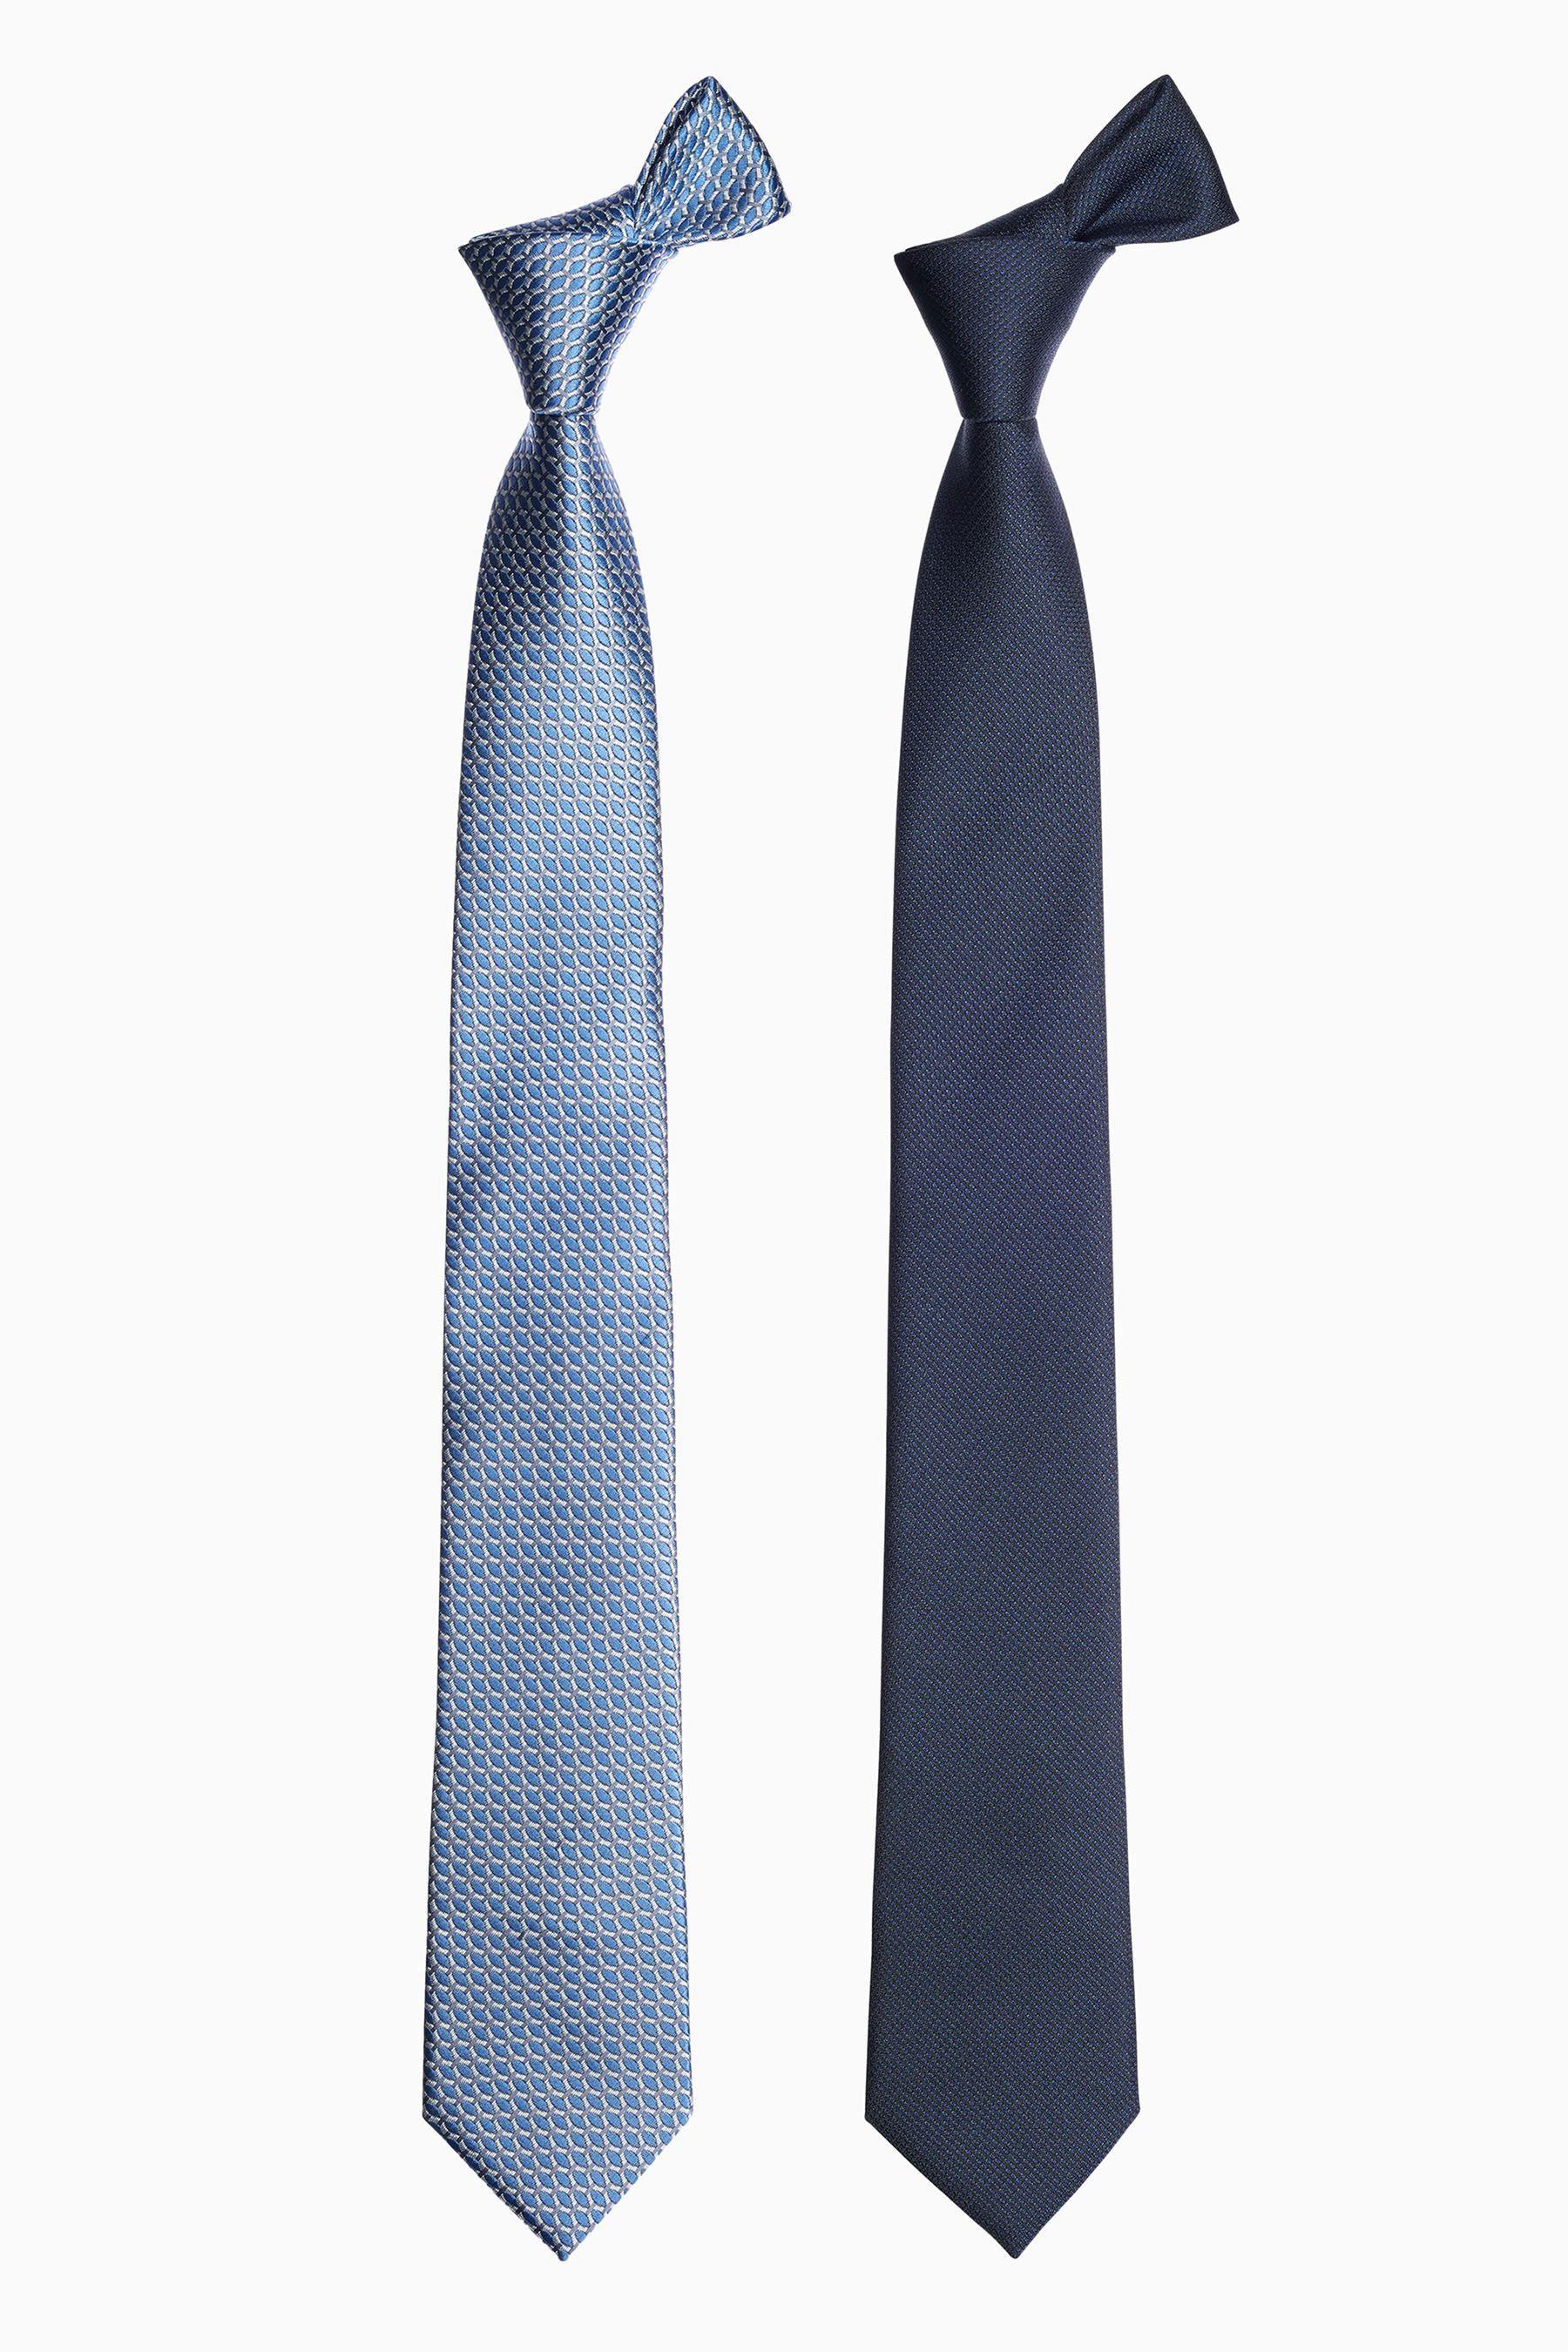 Next Krawatten, einfarbig blau und gemustert, 2er-Pack 2 teilig